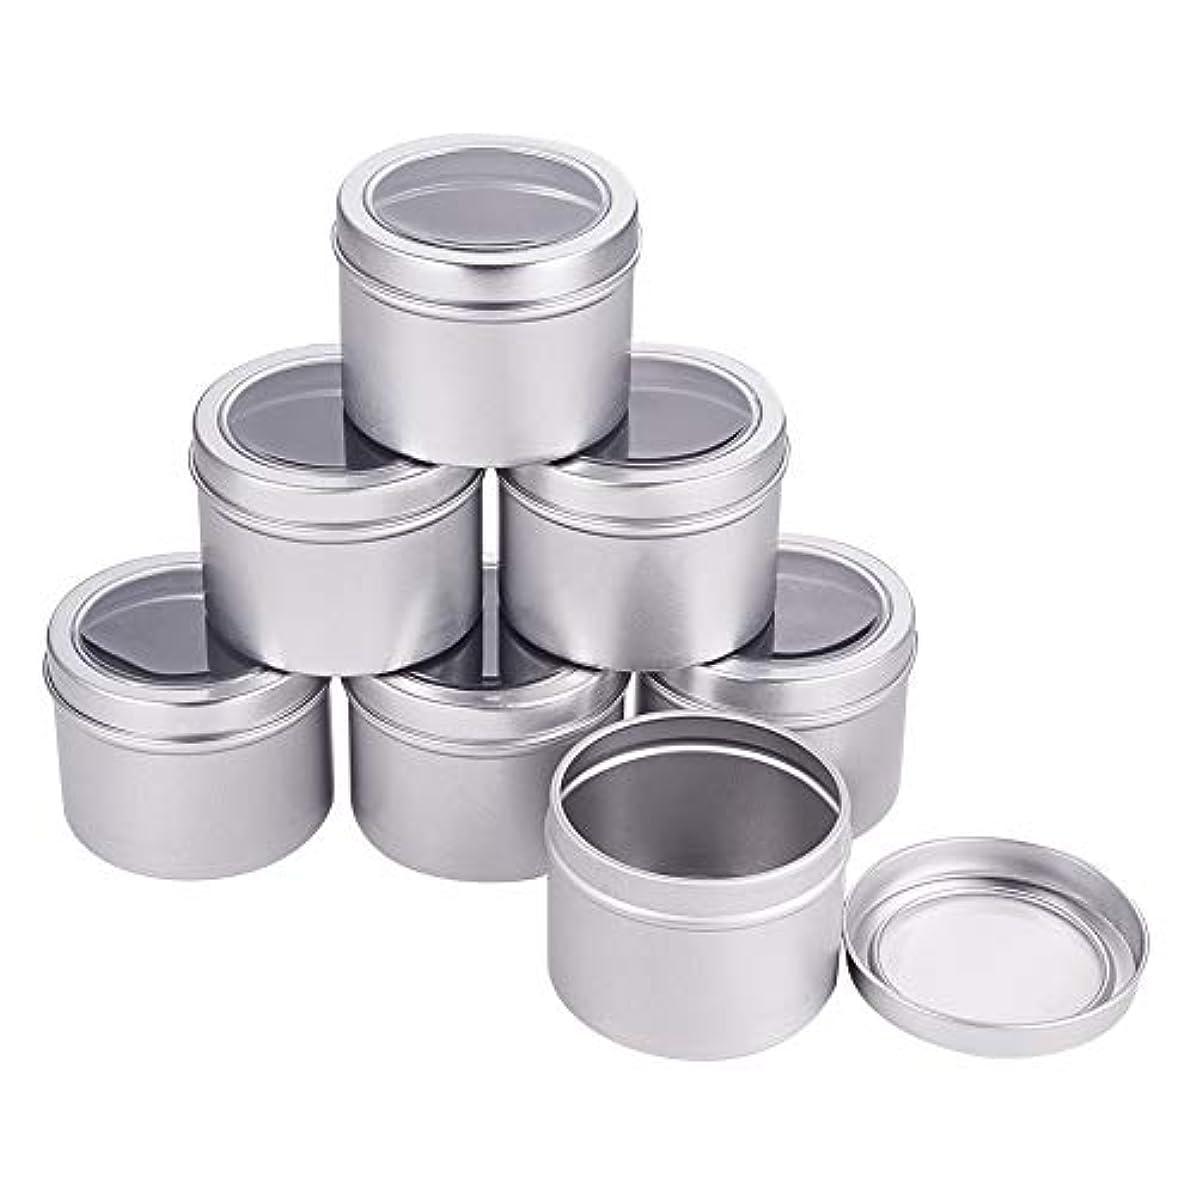 思春期謎めいた晴れBENECREAT 14個セット60mlアルミ缶 アルミネジキャップ缶 小分け容器 詰め替え容器 クリームケース 化粧品 クリーム 小物用収納ボックス シルバー